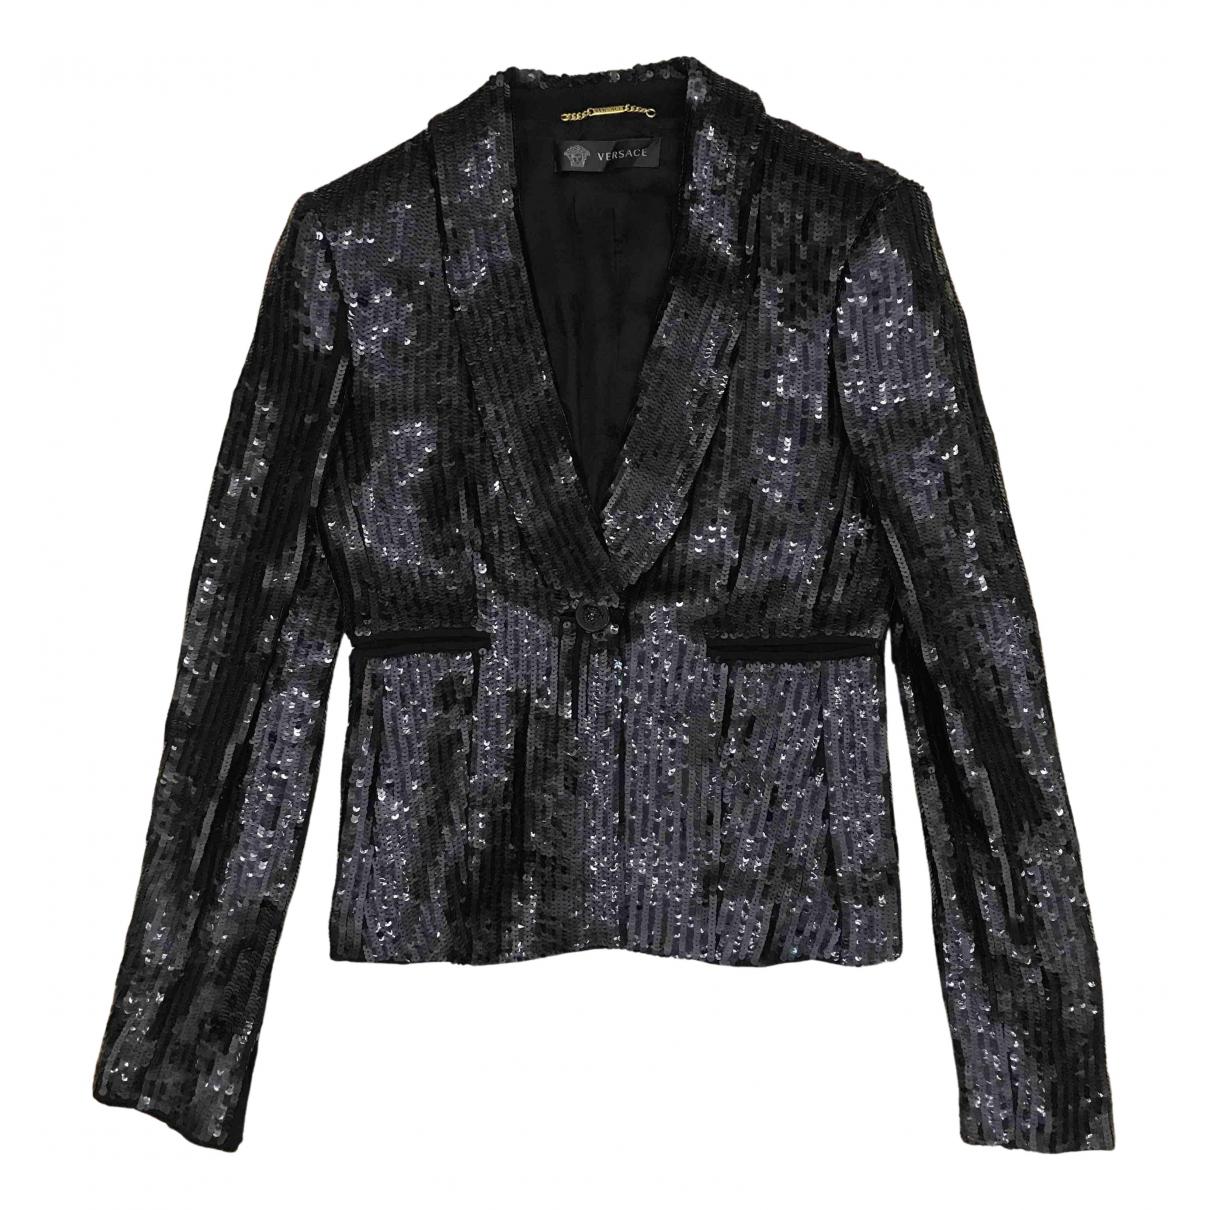 Versace \N Jacke in  Schwarz Mit Pailletten